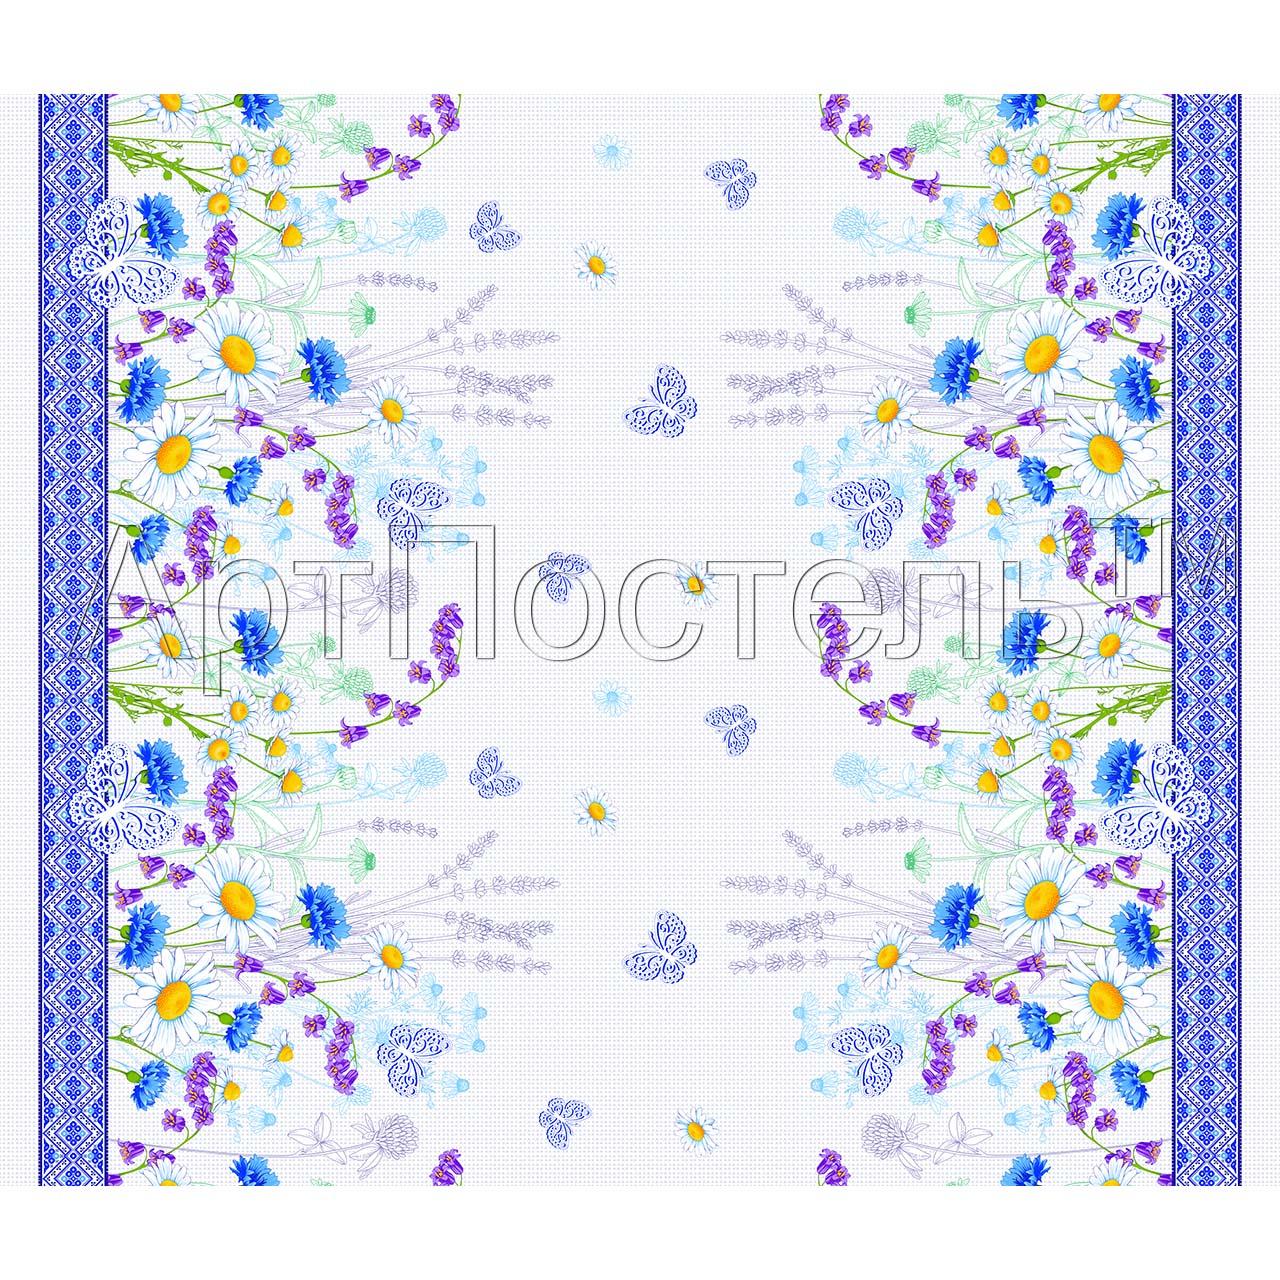 Вафельное полотенце Родной край р. 80х150Вафельные полотенца<br>Плотность:160 г/кв. м<br><br>Тип: Вафельное полотенце<br>Размер: 80х150<br>Материал: Вафельное полотно